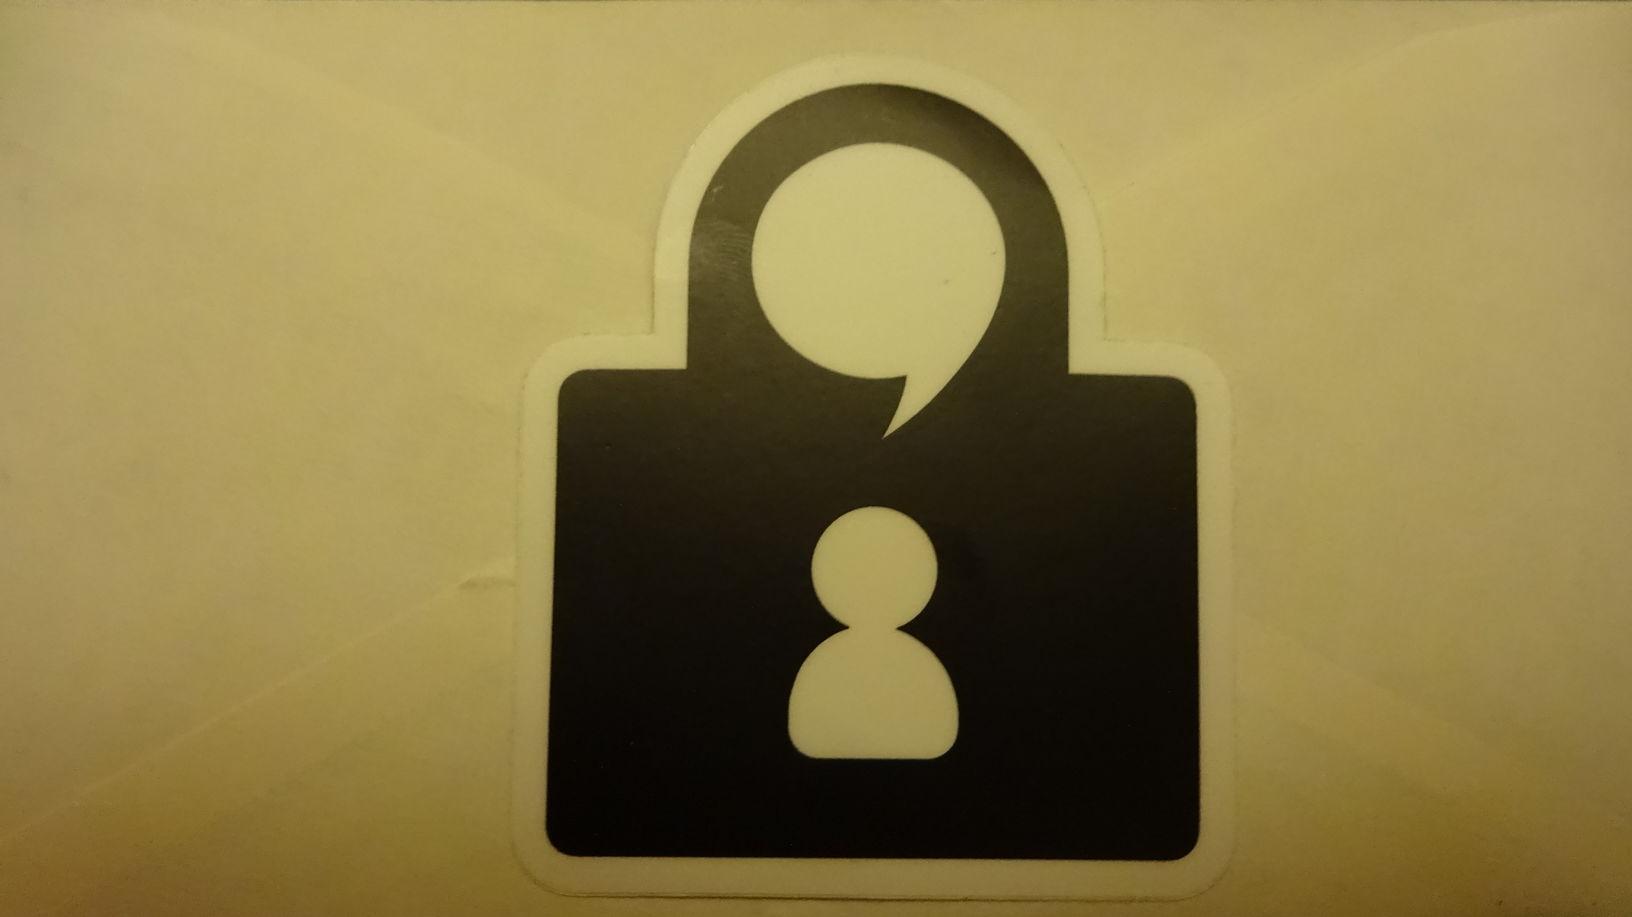 Our die-cut Tox lock logo sticker